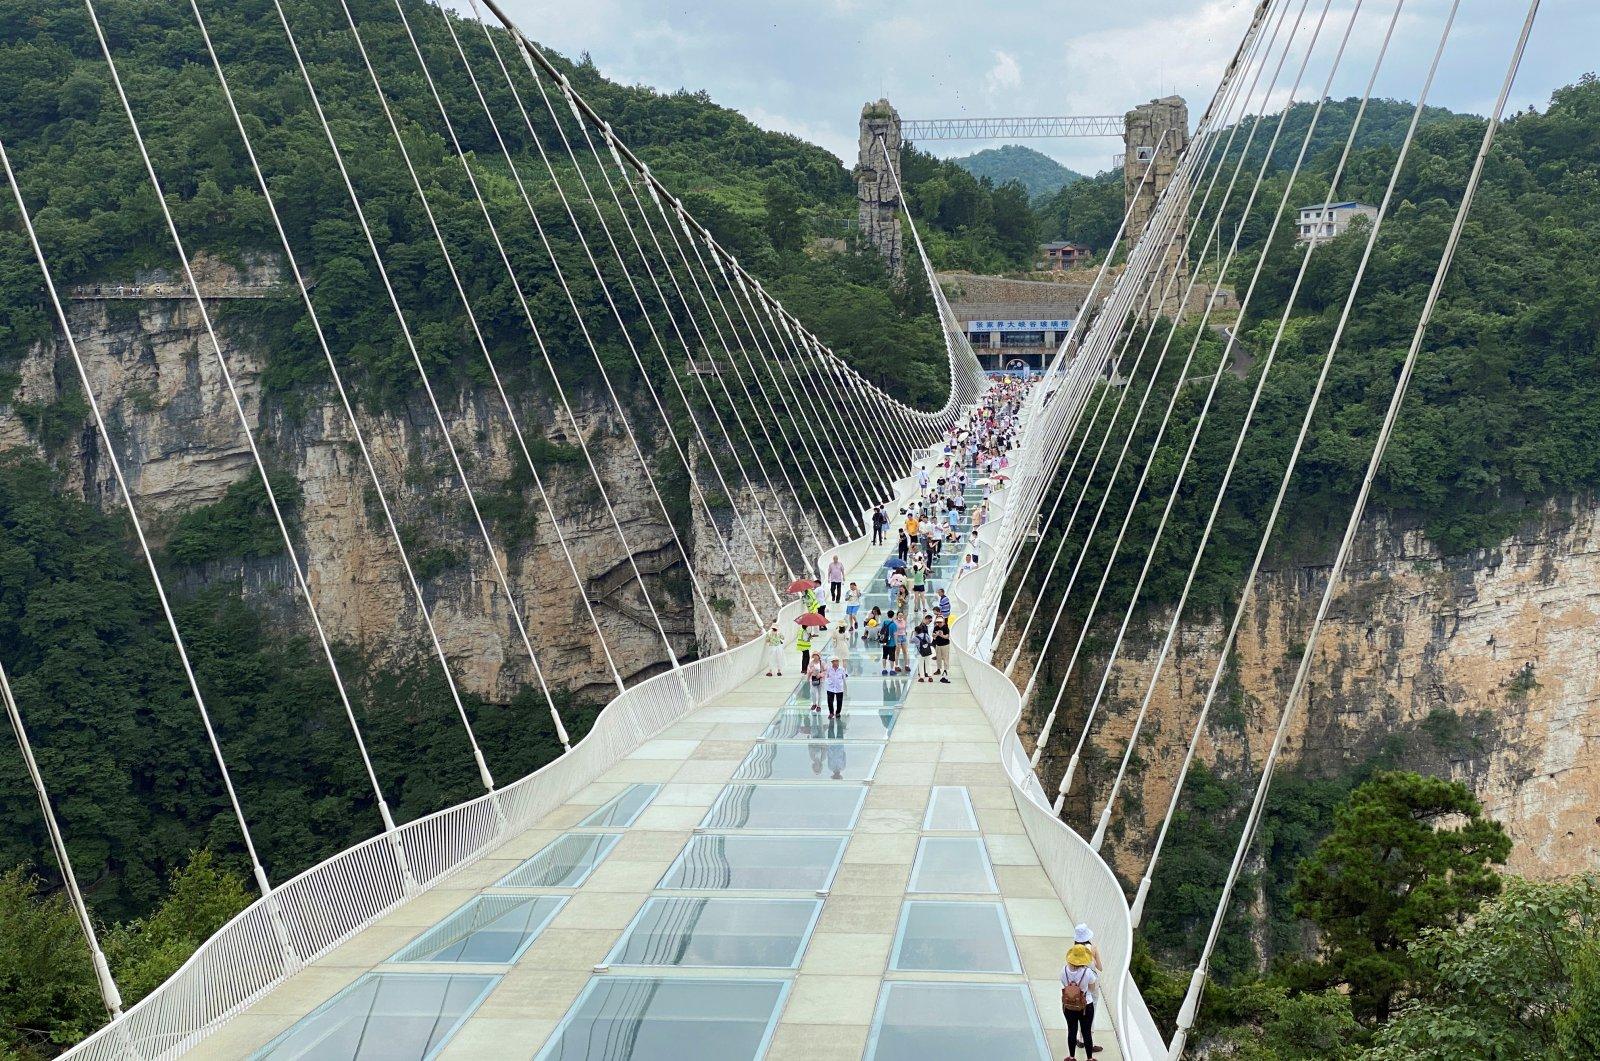 Visitors walk on a 430-meter (1,410-foot) long glass-bottomed bridge over the Zhangjiajie Grand Canyon in Zhangjiajie, Hunan province, China, July 8, 2021. (Reuters Photo)